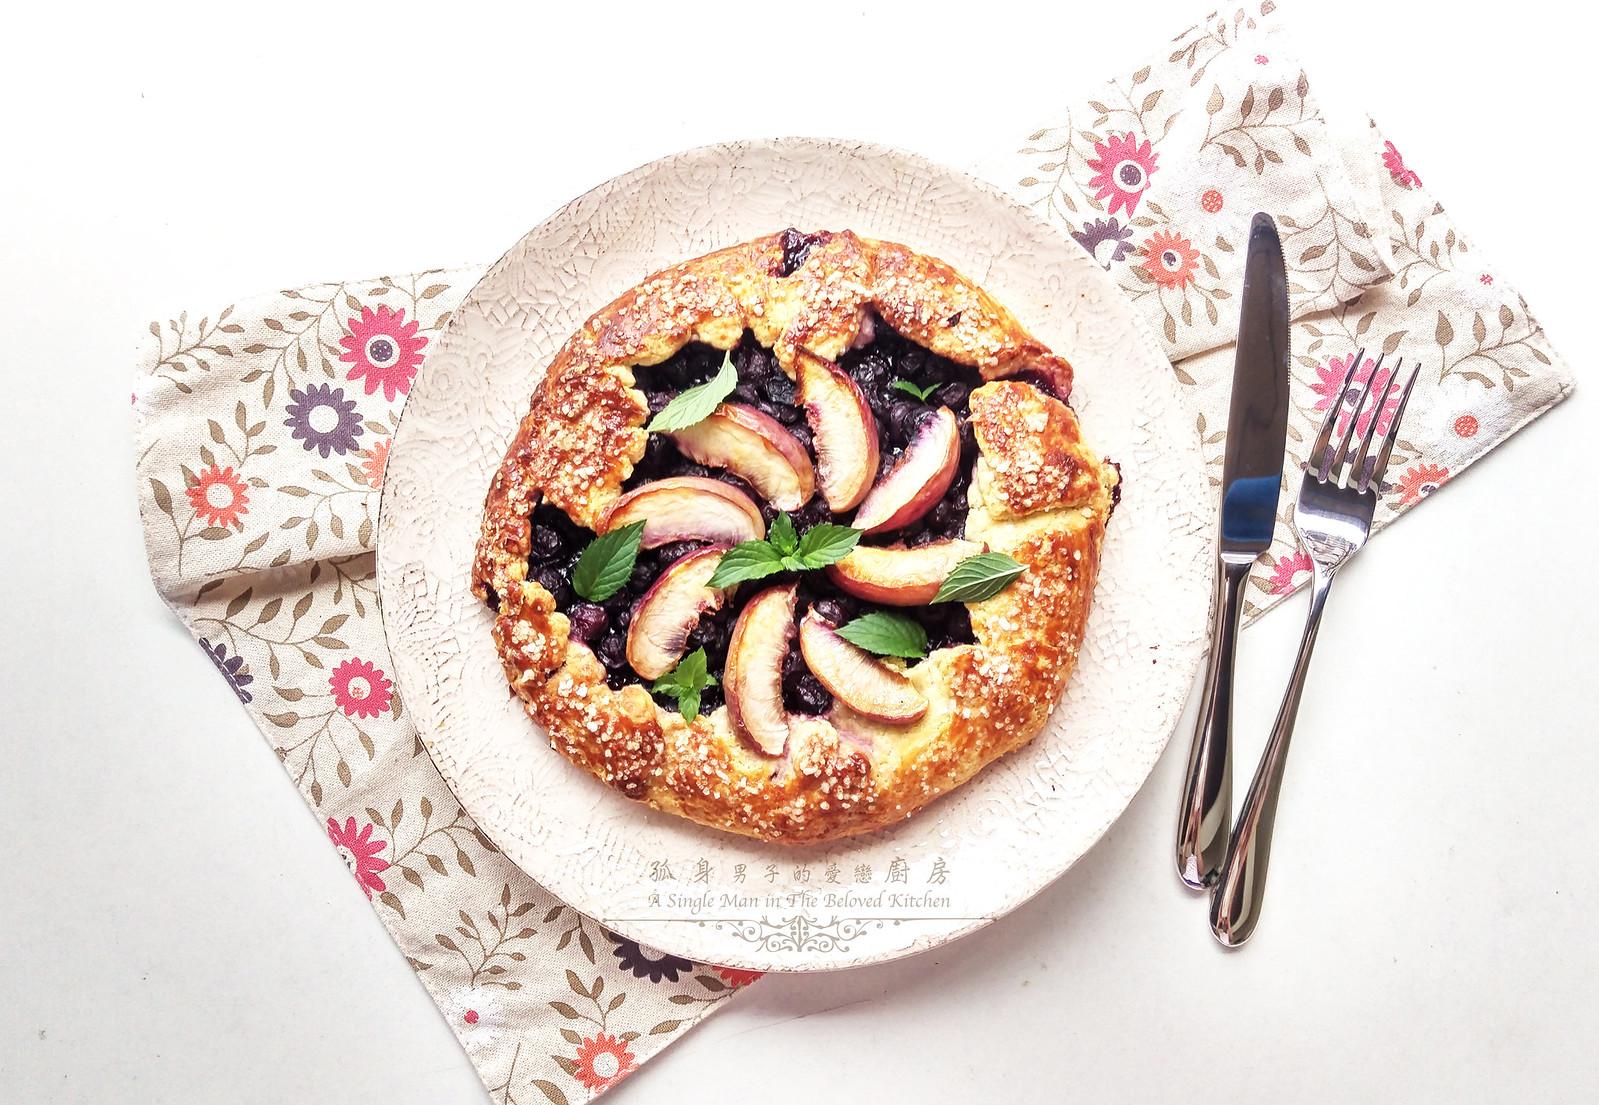 孤身廚房-藍莓甜桃法式烘餅Blueberry-Nectarin Galette27